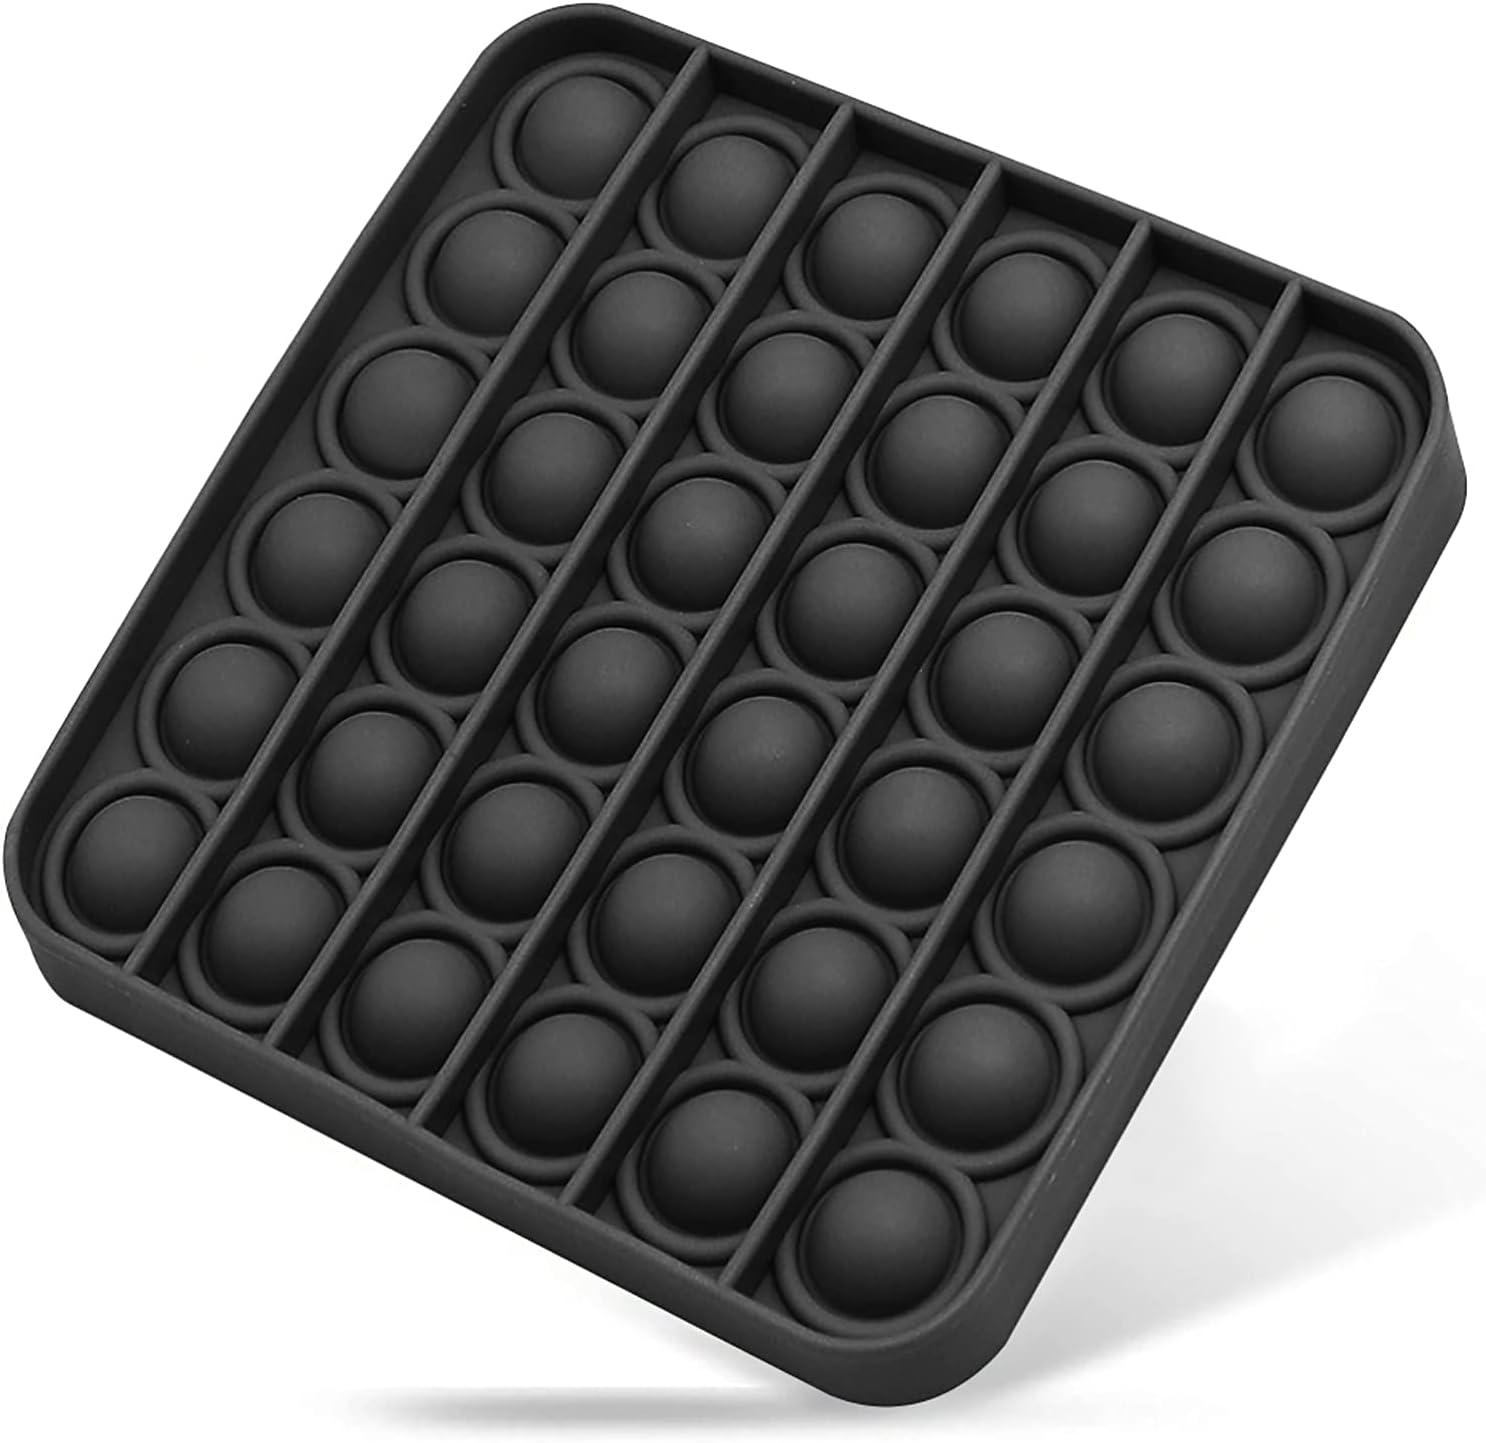 WZQWZQ Bubbles Pop Fidget Sensory Toy, a Quiet Side and a Loud S